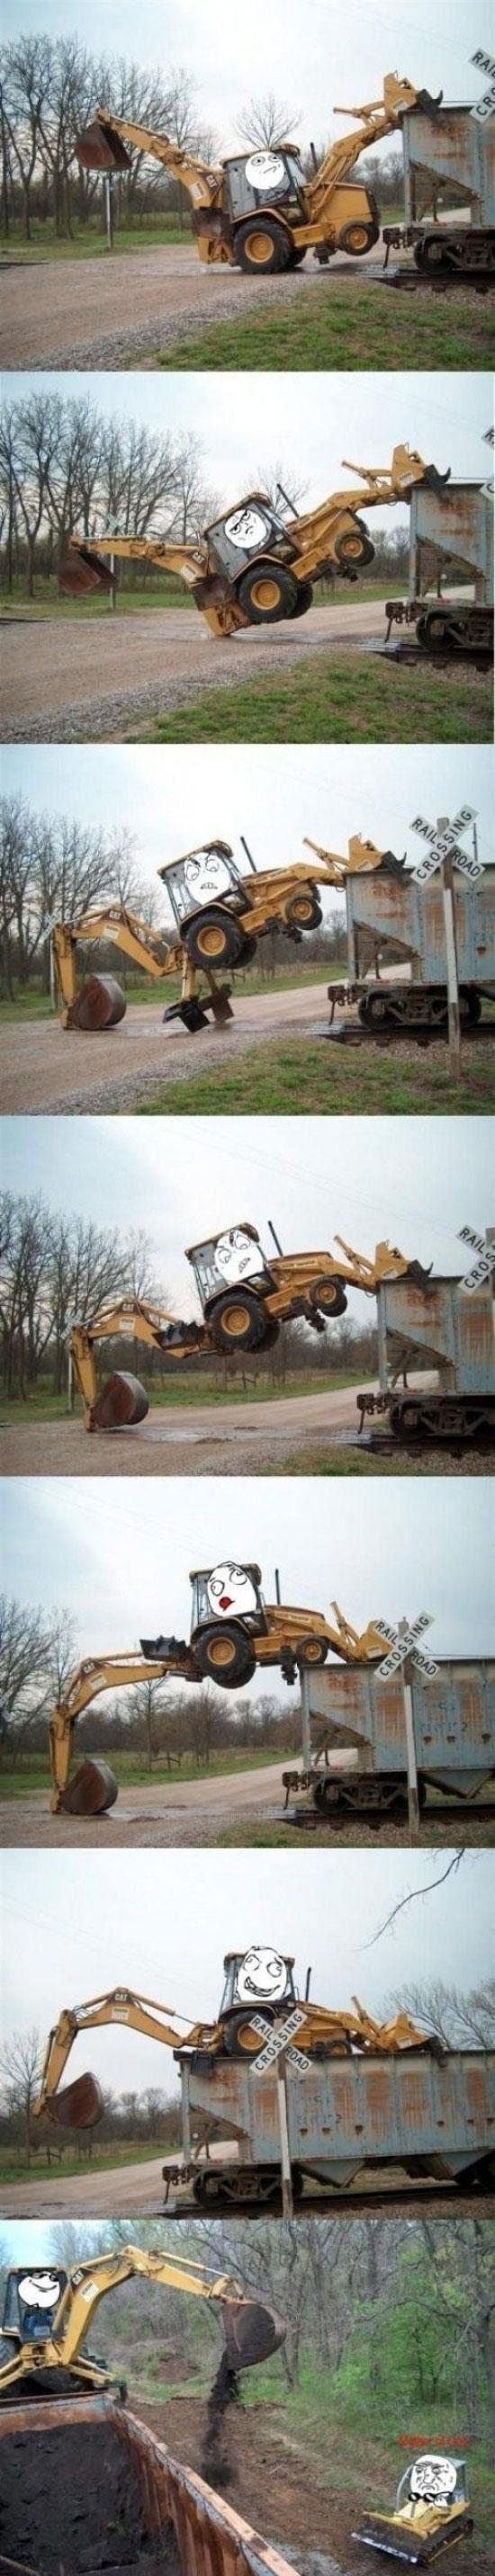 excavadora,grua,habilidad,operario,subir,trailer,trepar